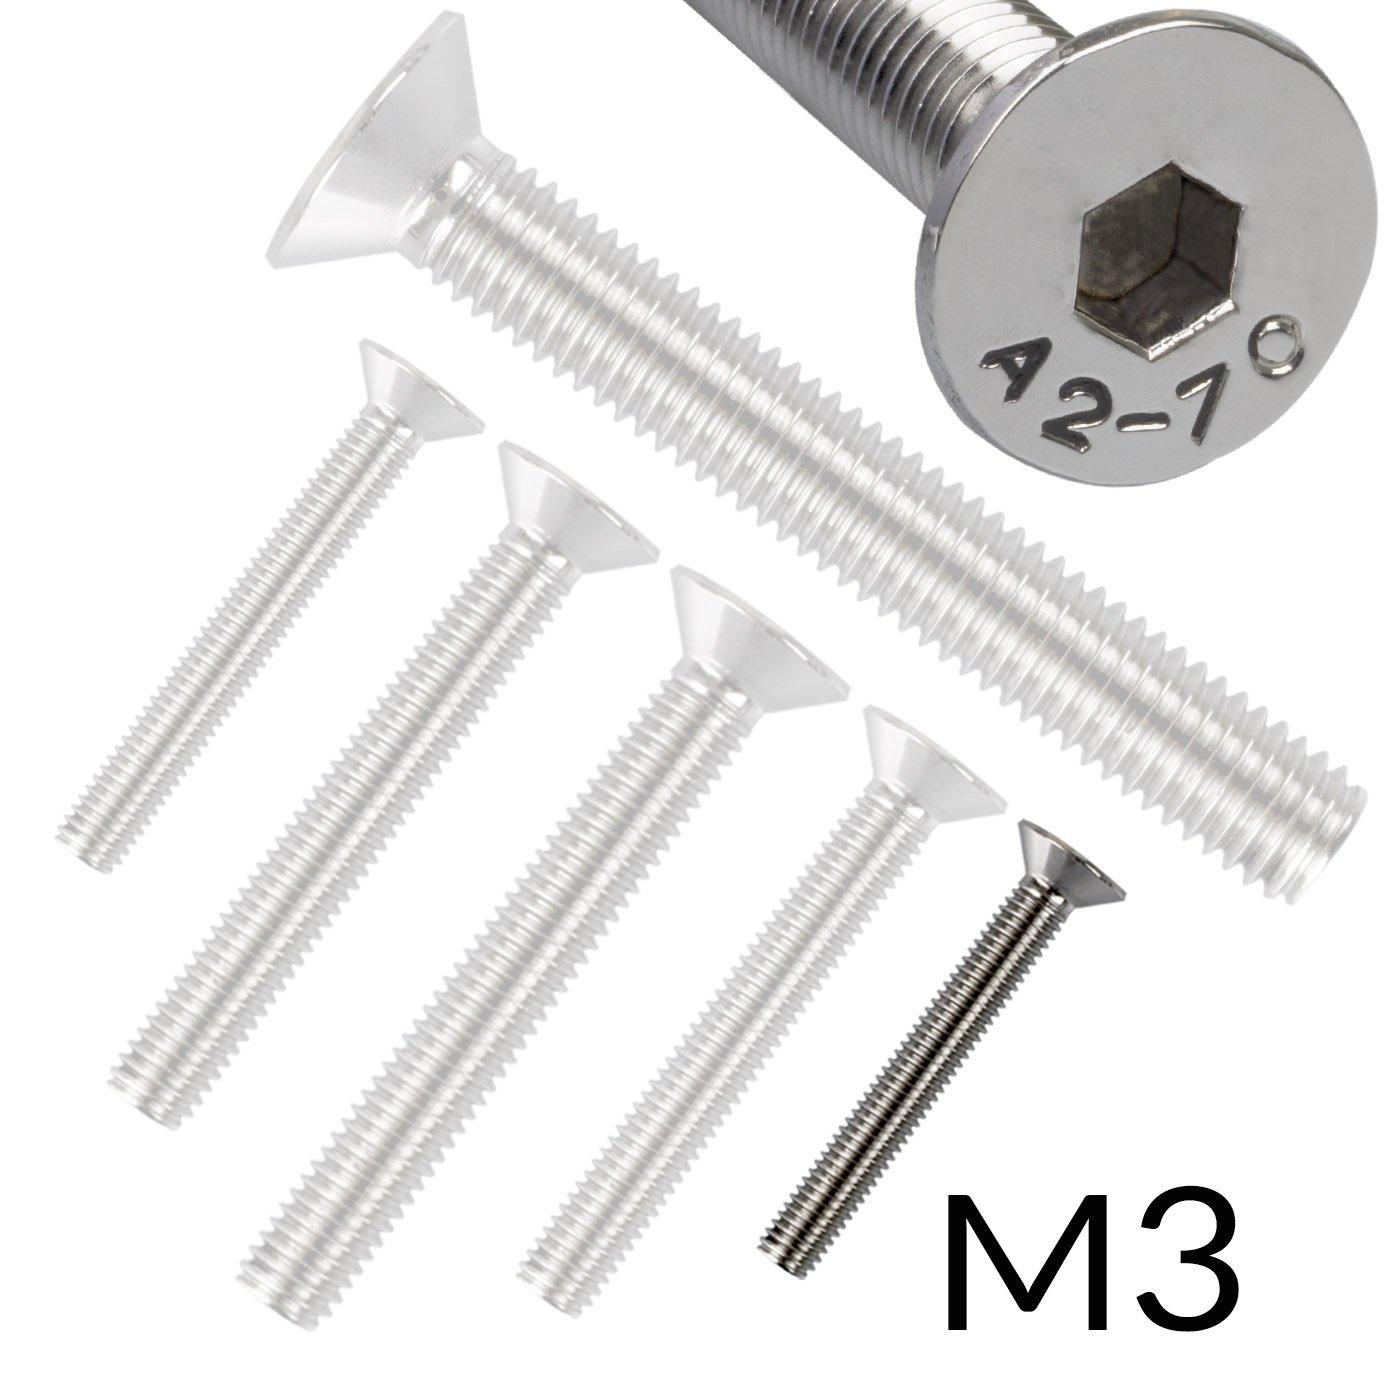 10 Senkkopfschrauben mit InnensechskantEdelstahl M 8 x 60 mm Vollgewindeschrauben Schrauben DIN 7991 A2